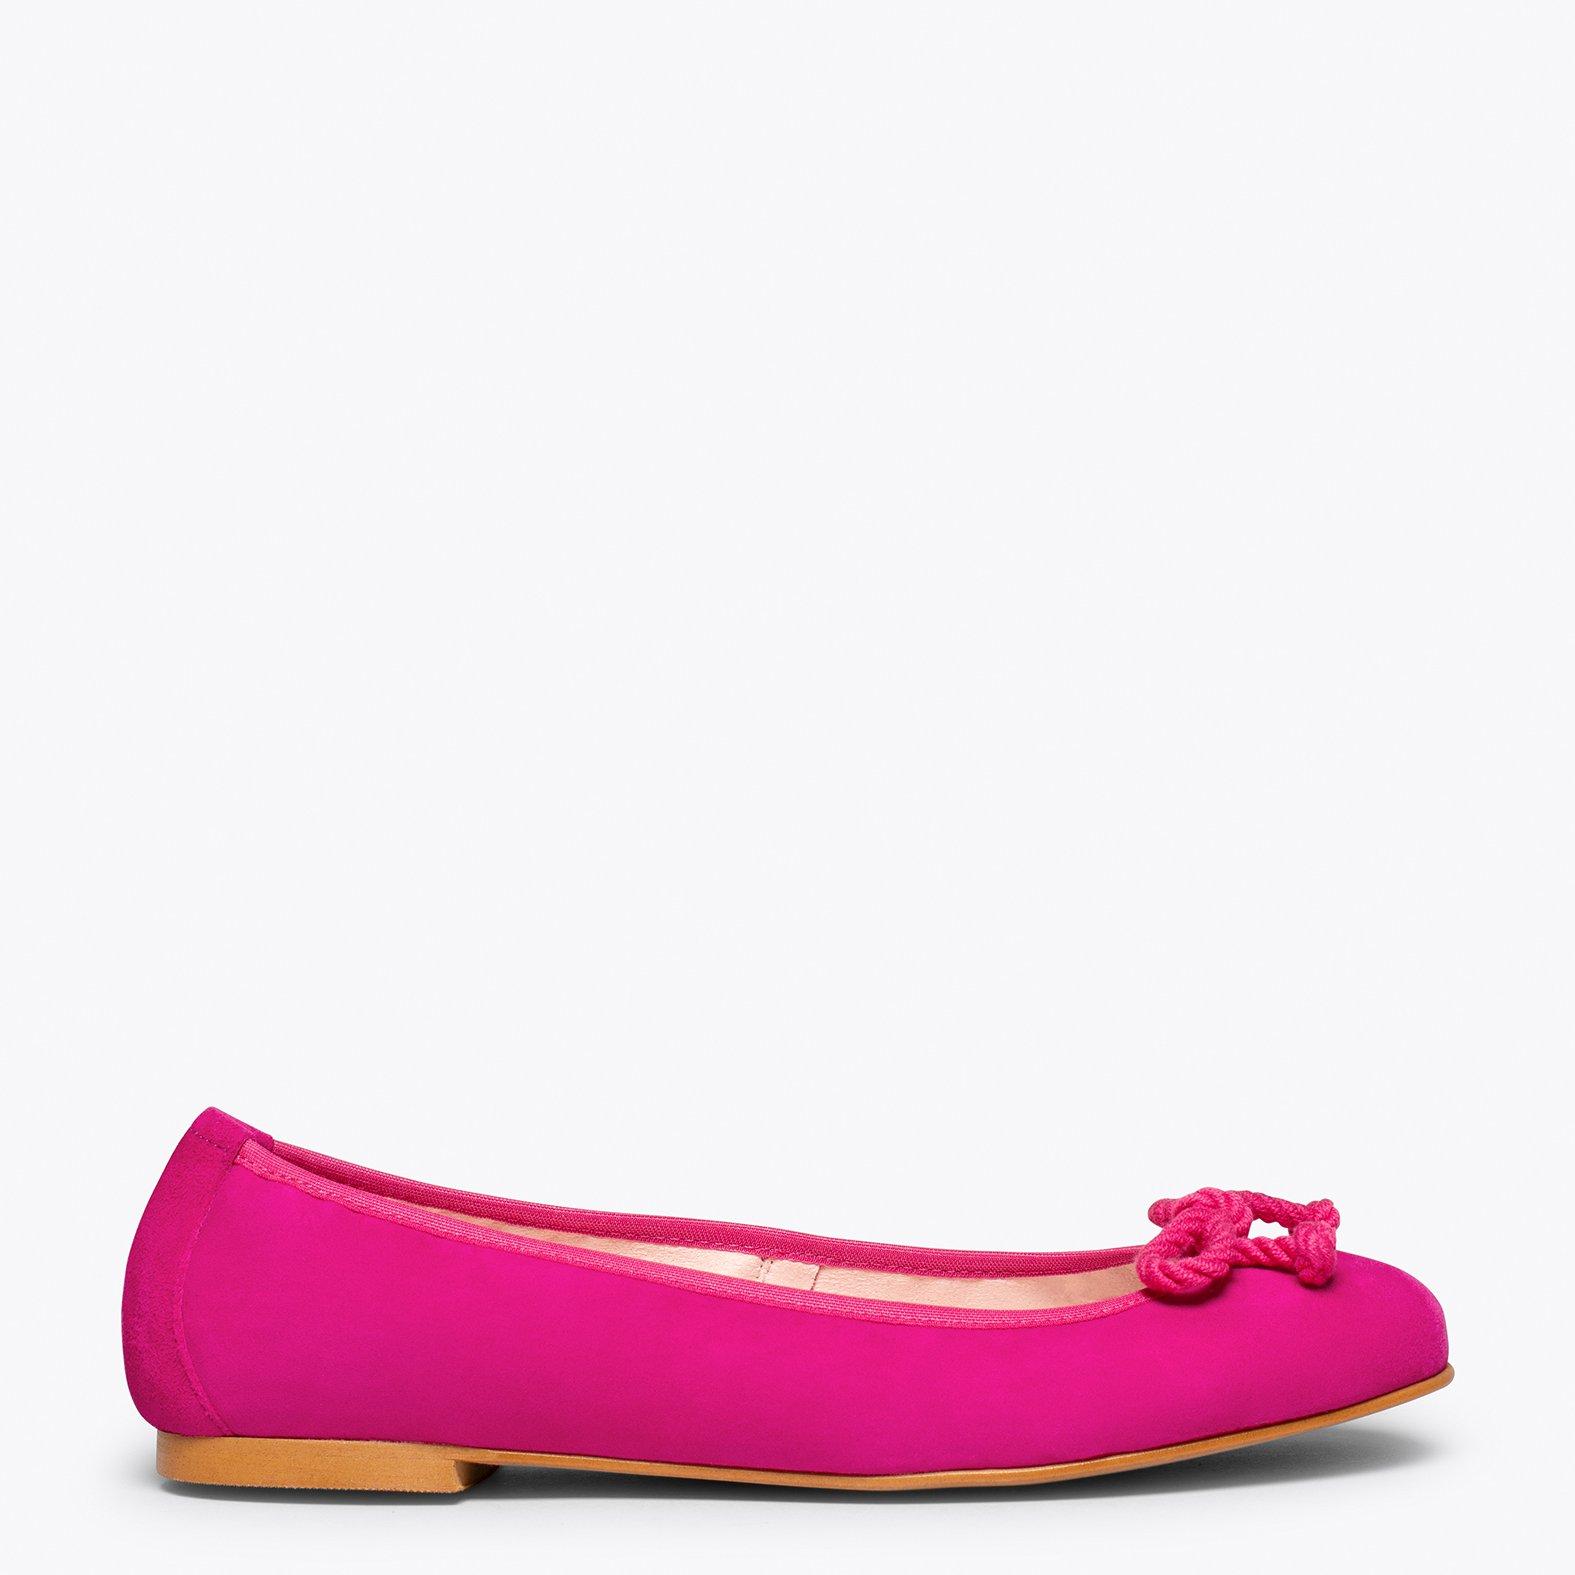 STILETTO Zapato con tacón fino MORADO